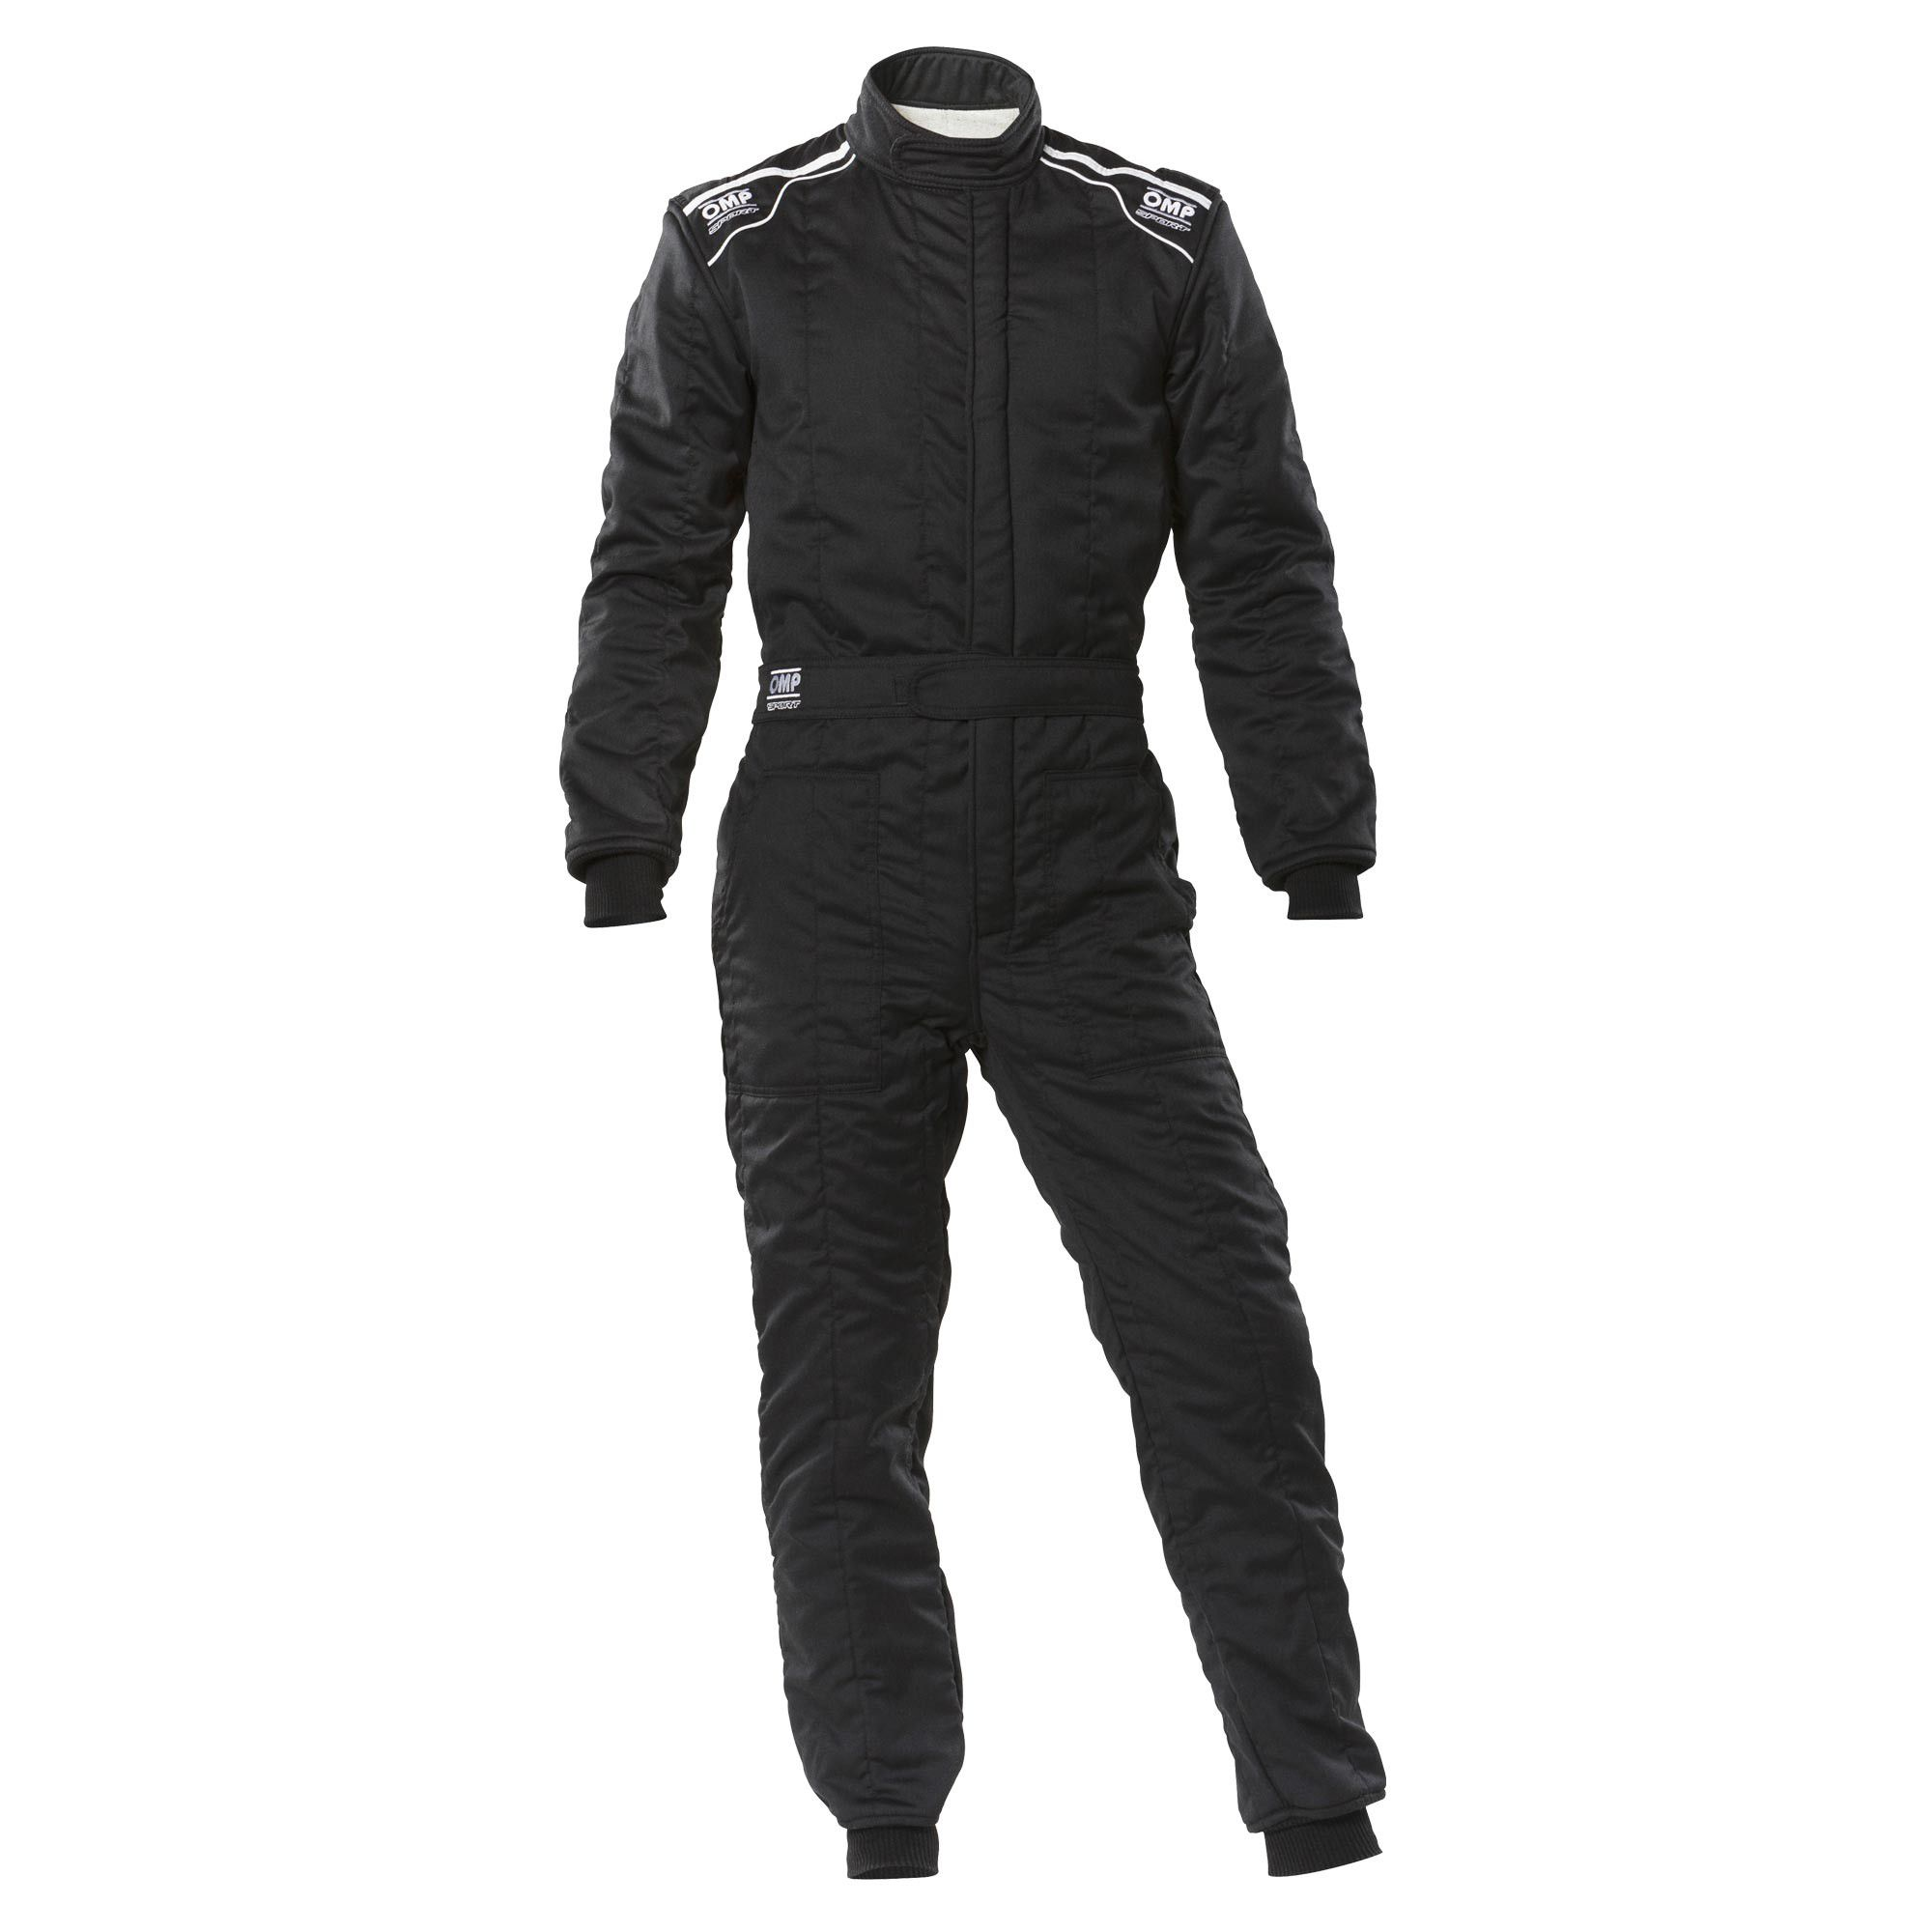 Novo Macacão Racing Sport OMP 2020